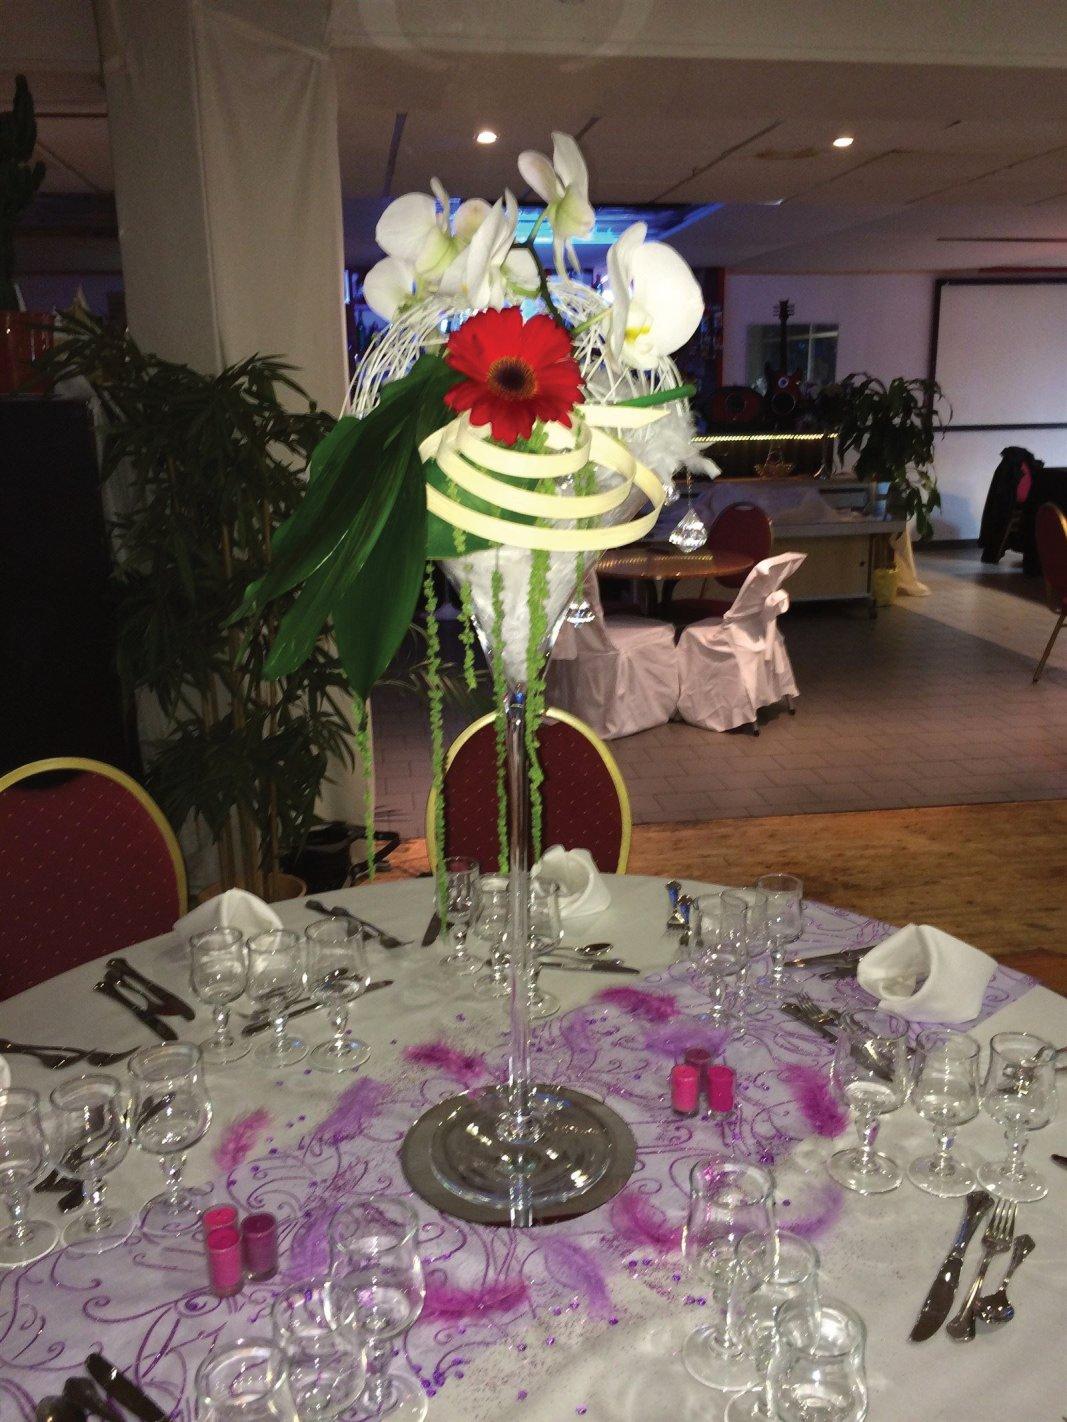 Coupe Martini 1/2 boule d'osier fleurie d'orchidées, gerberas, boa blanc, led